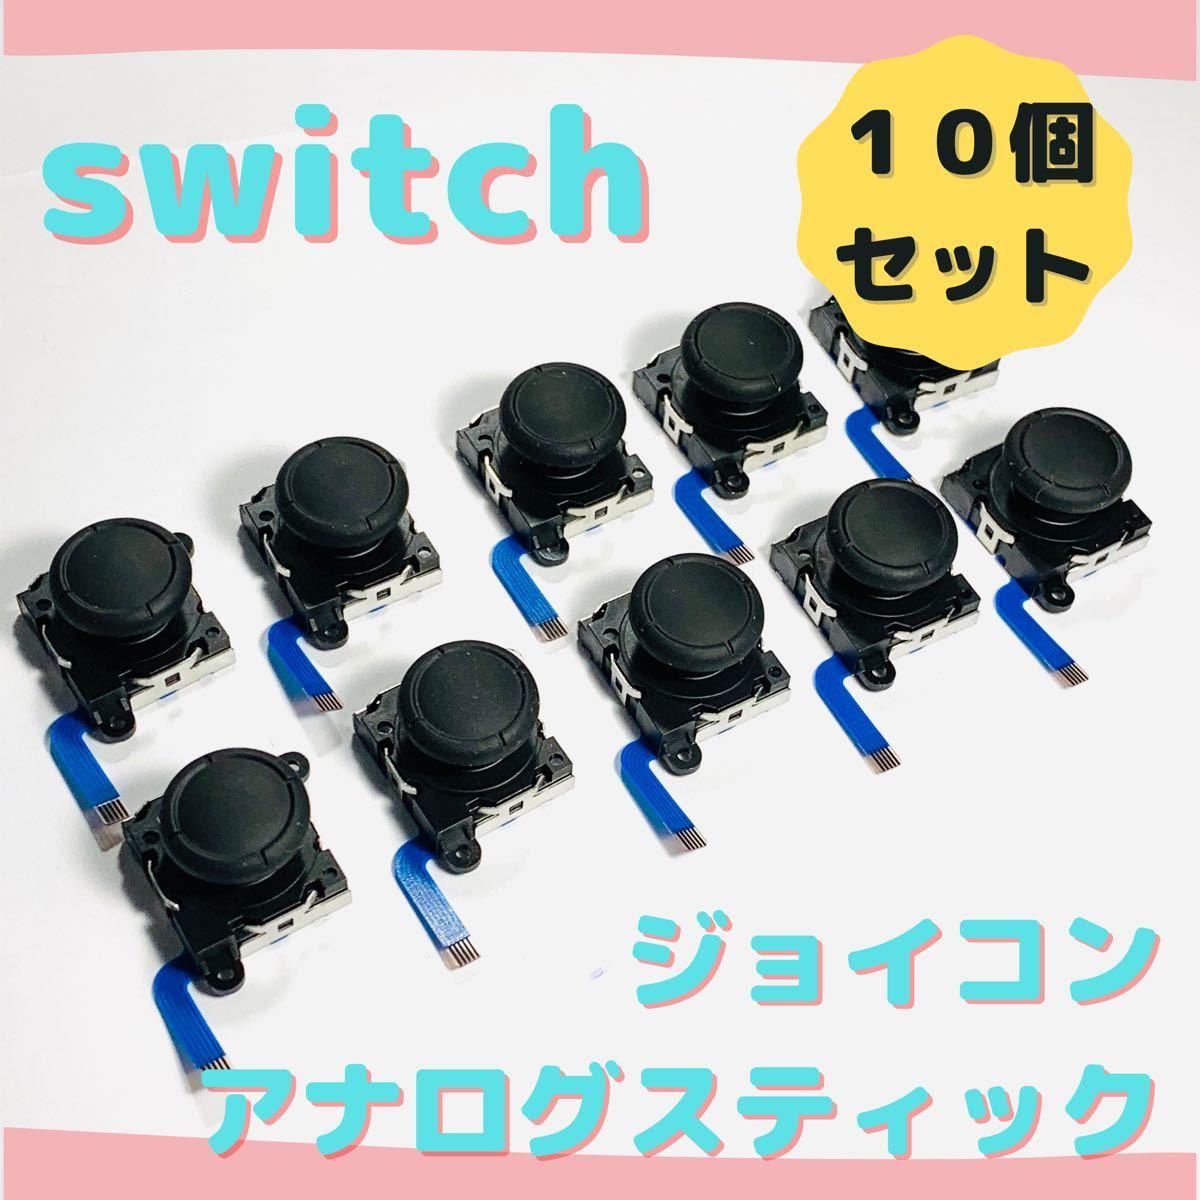 【新品】ジョイコン修理 スイッチ アナログスティック 10個 互換品